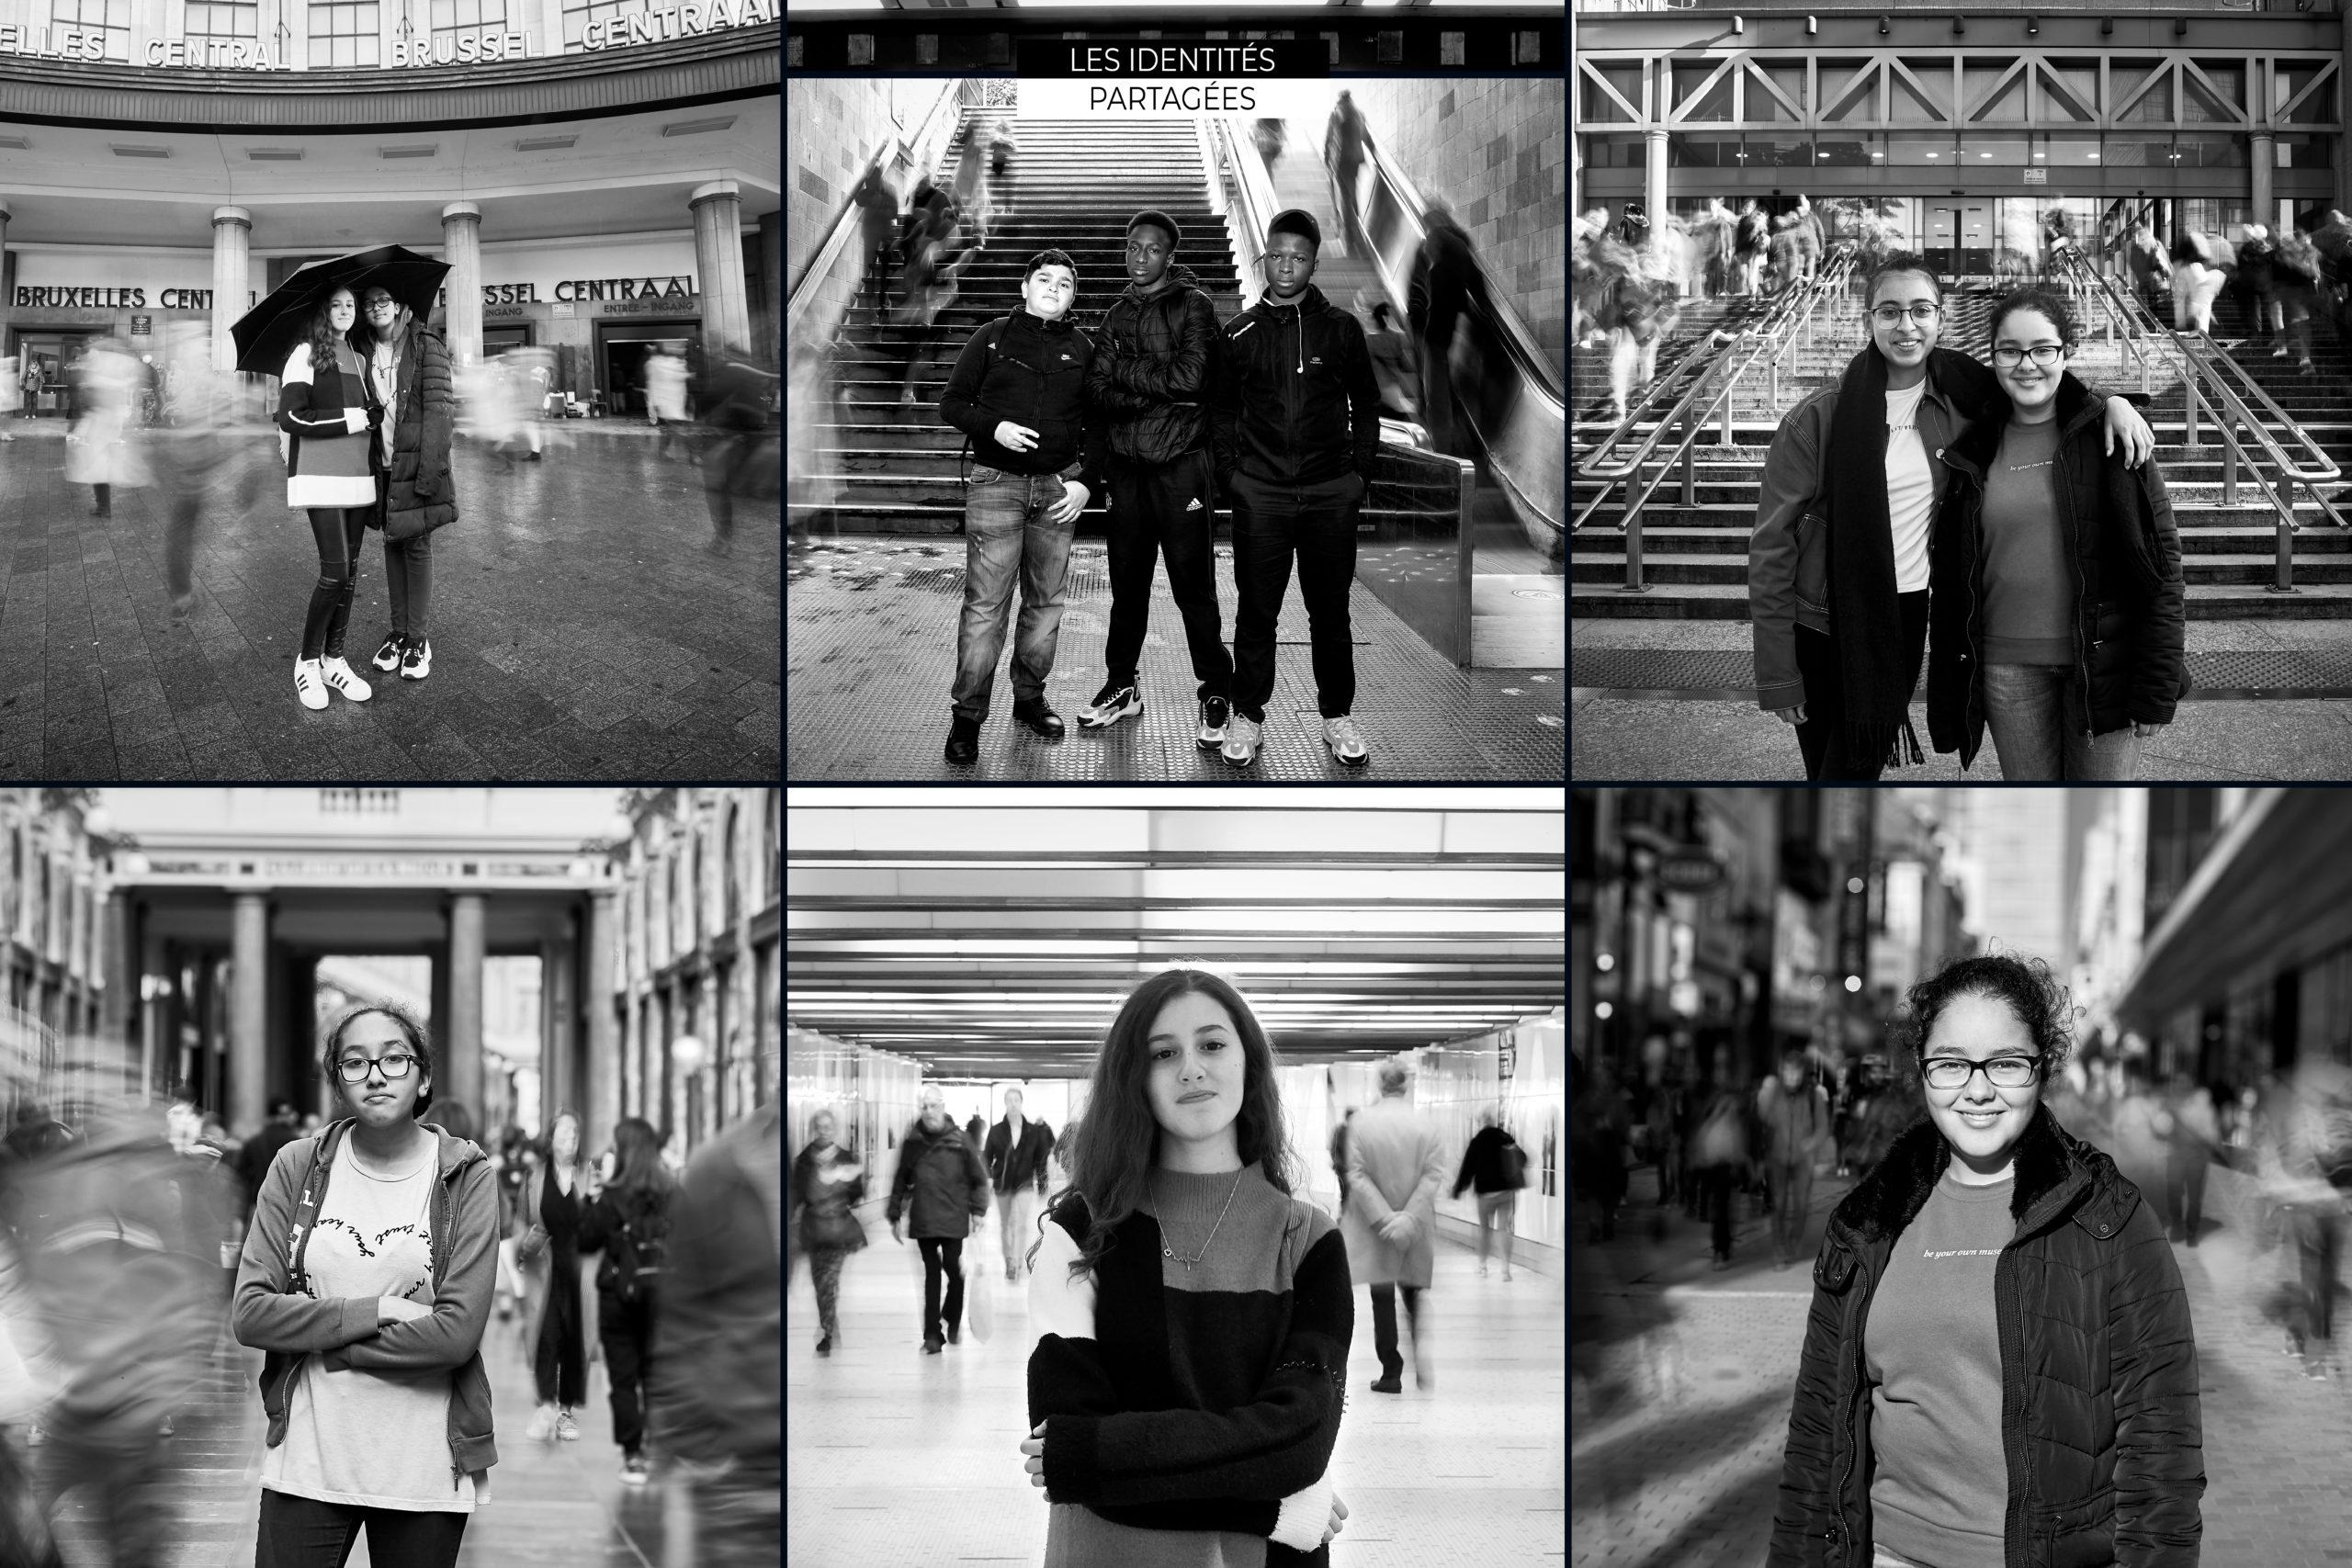 Photomontage noir et blanc de jeunes adolescents dans différents lieux de Bruxelles